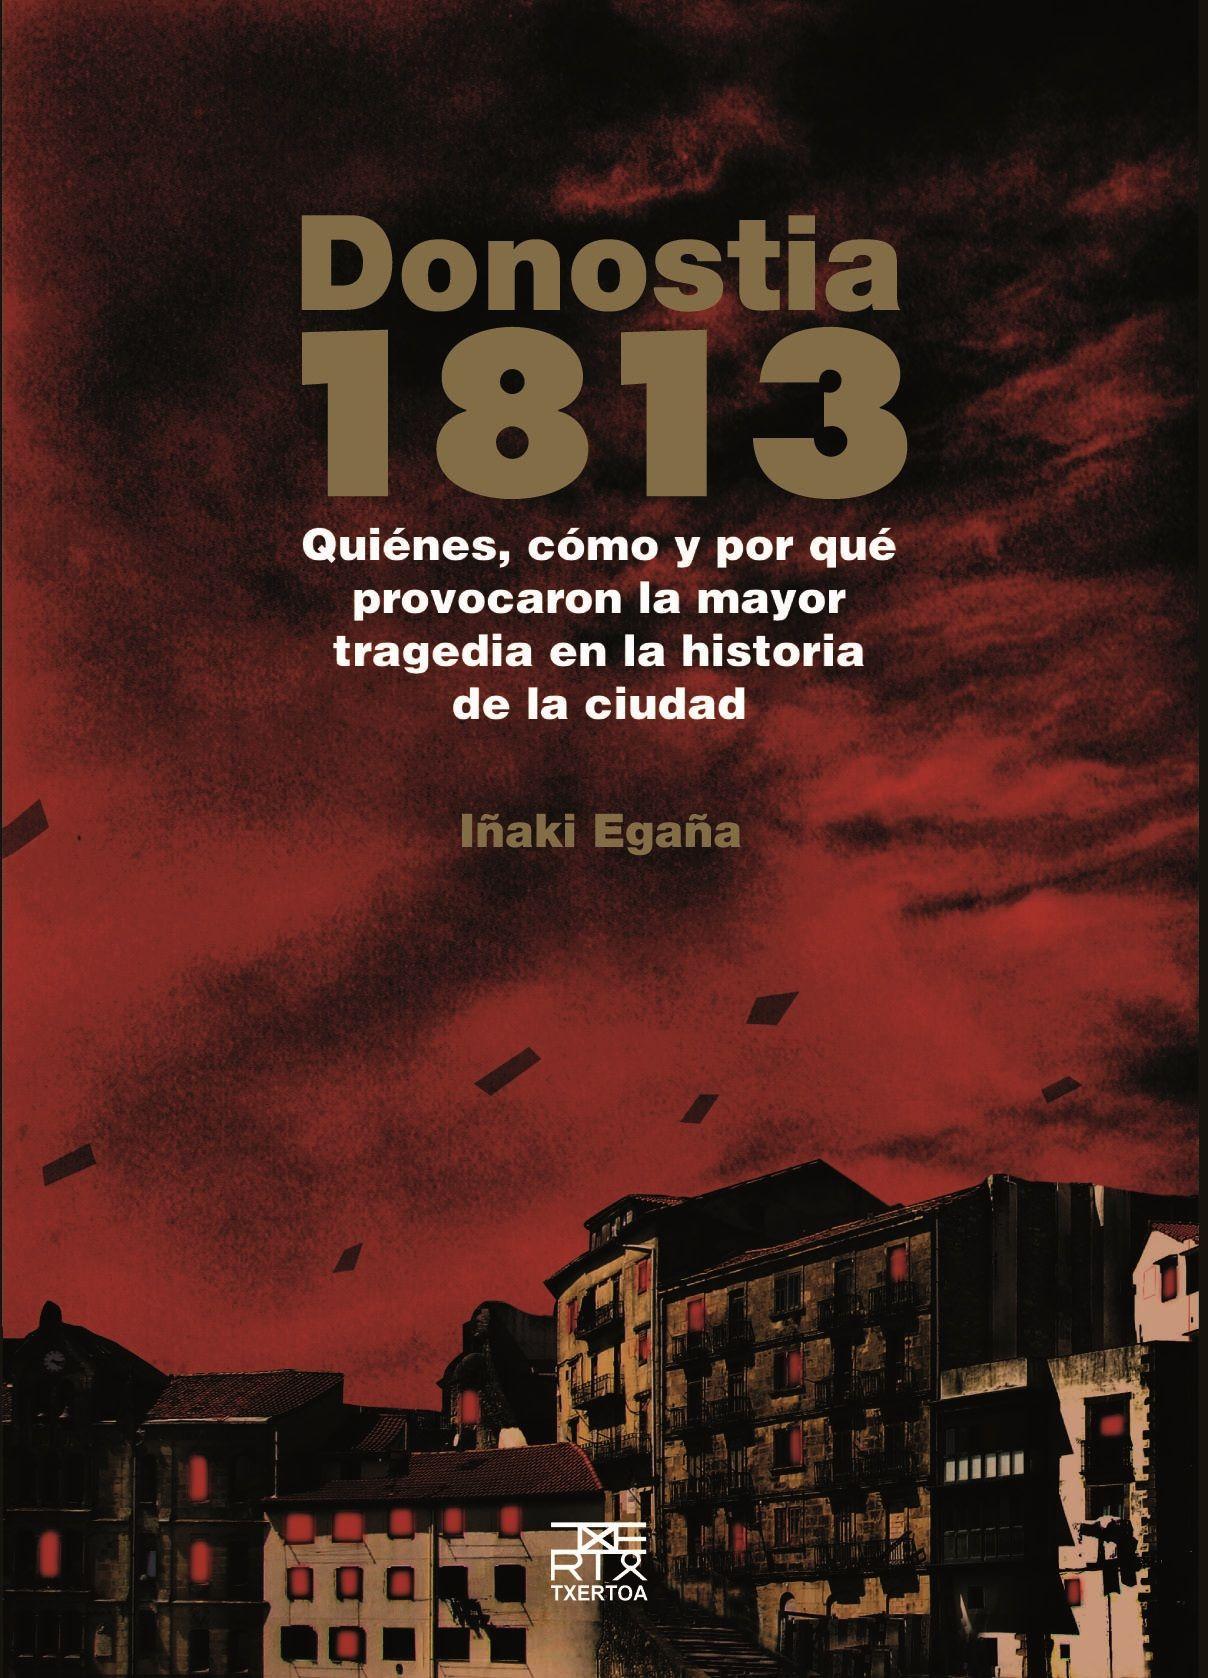 """""""Donostia 1813"""" liburuaren azala."""